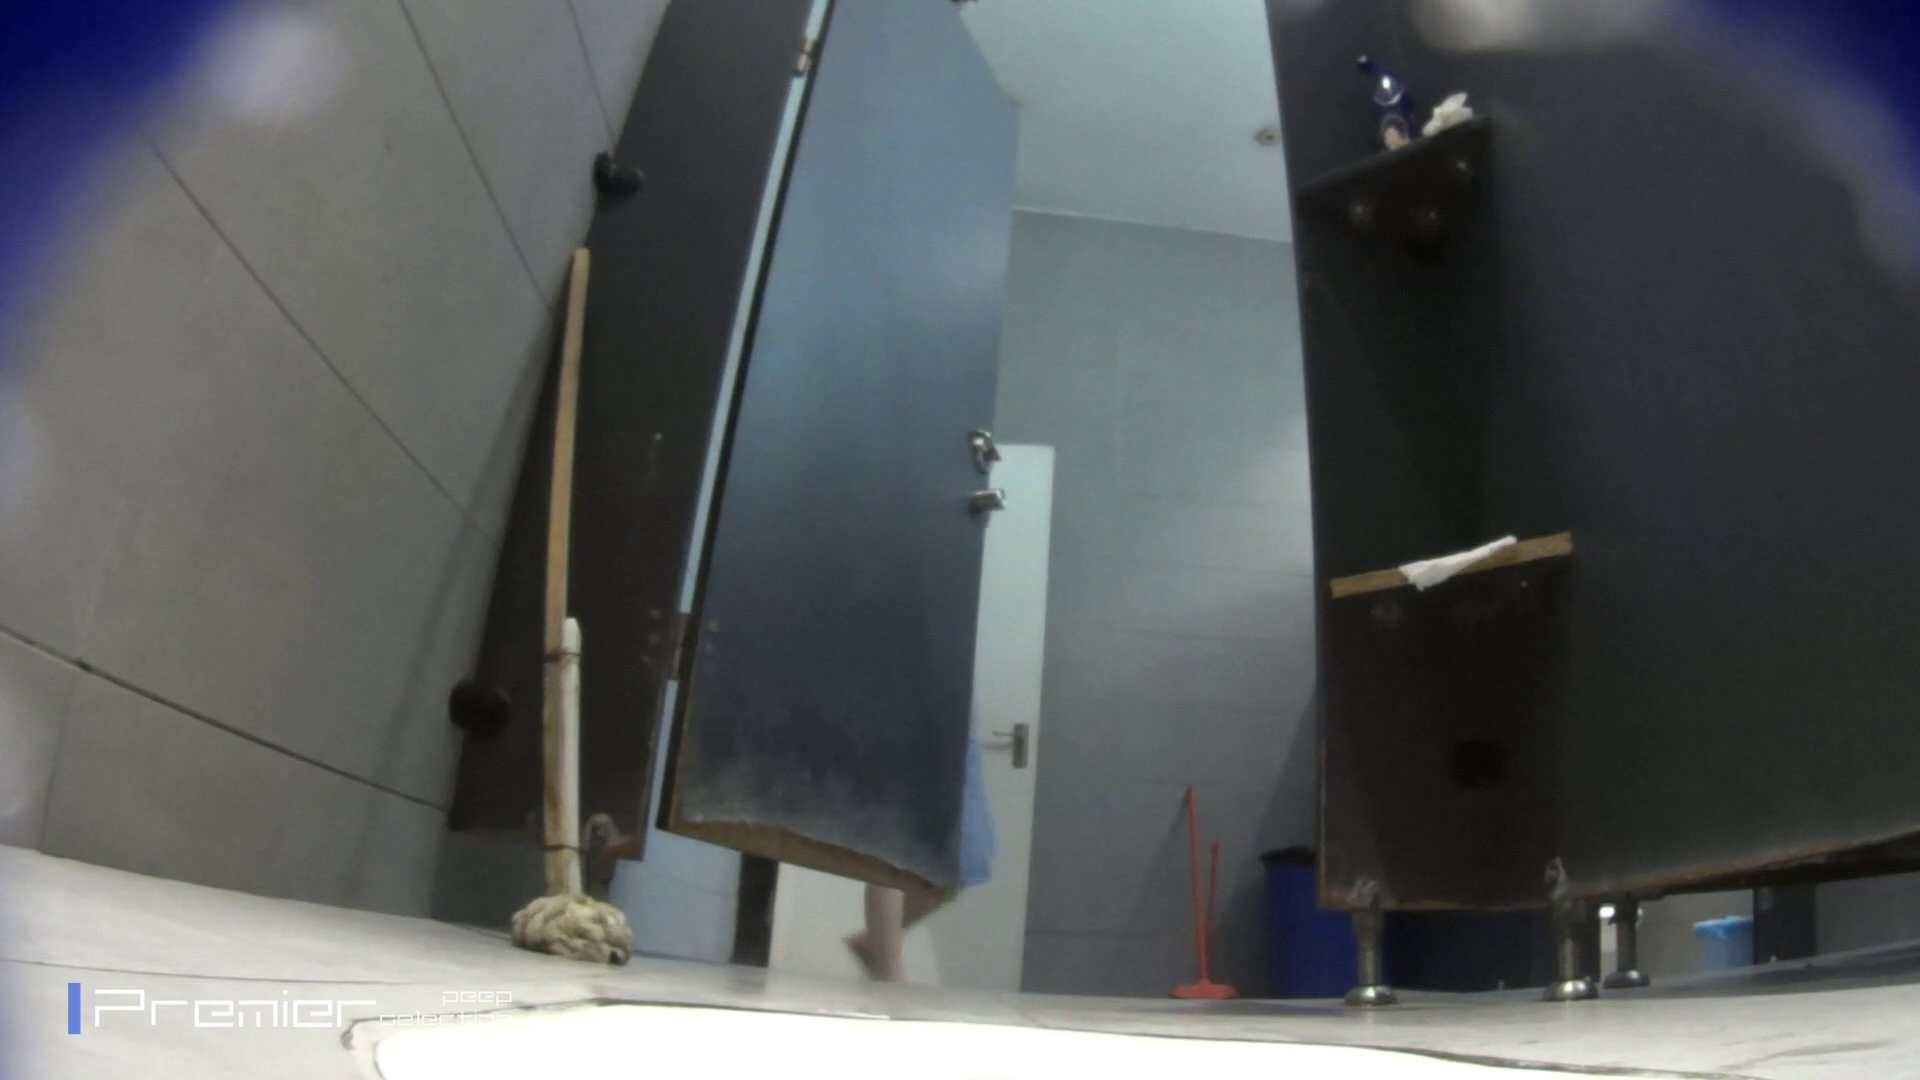 個室のドアを開けたまま放nyoする乙女 大学休憩時間の洗面所事情85 美肌 濡れ場動画紹介 90画像 5